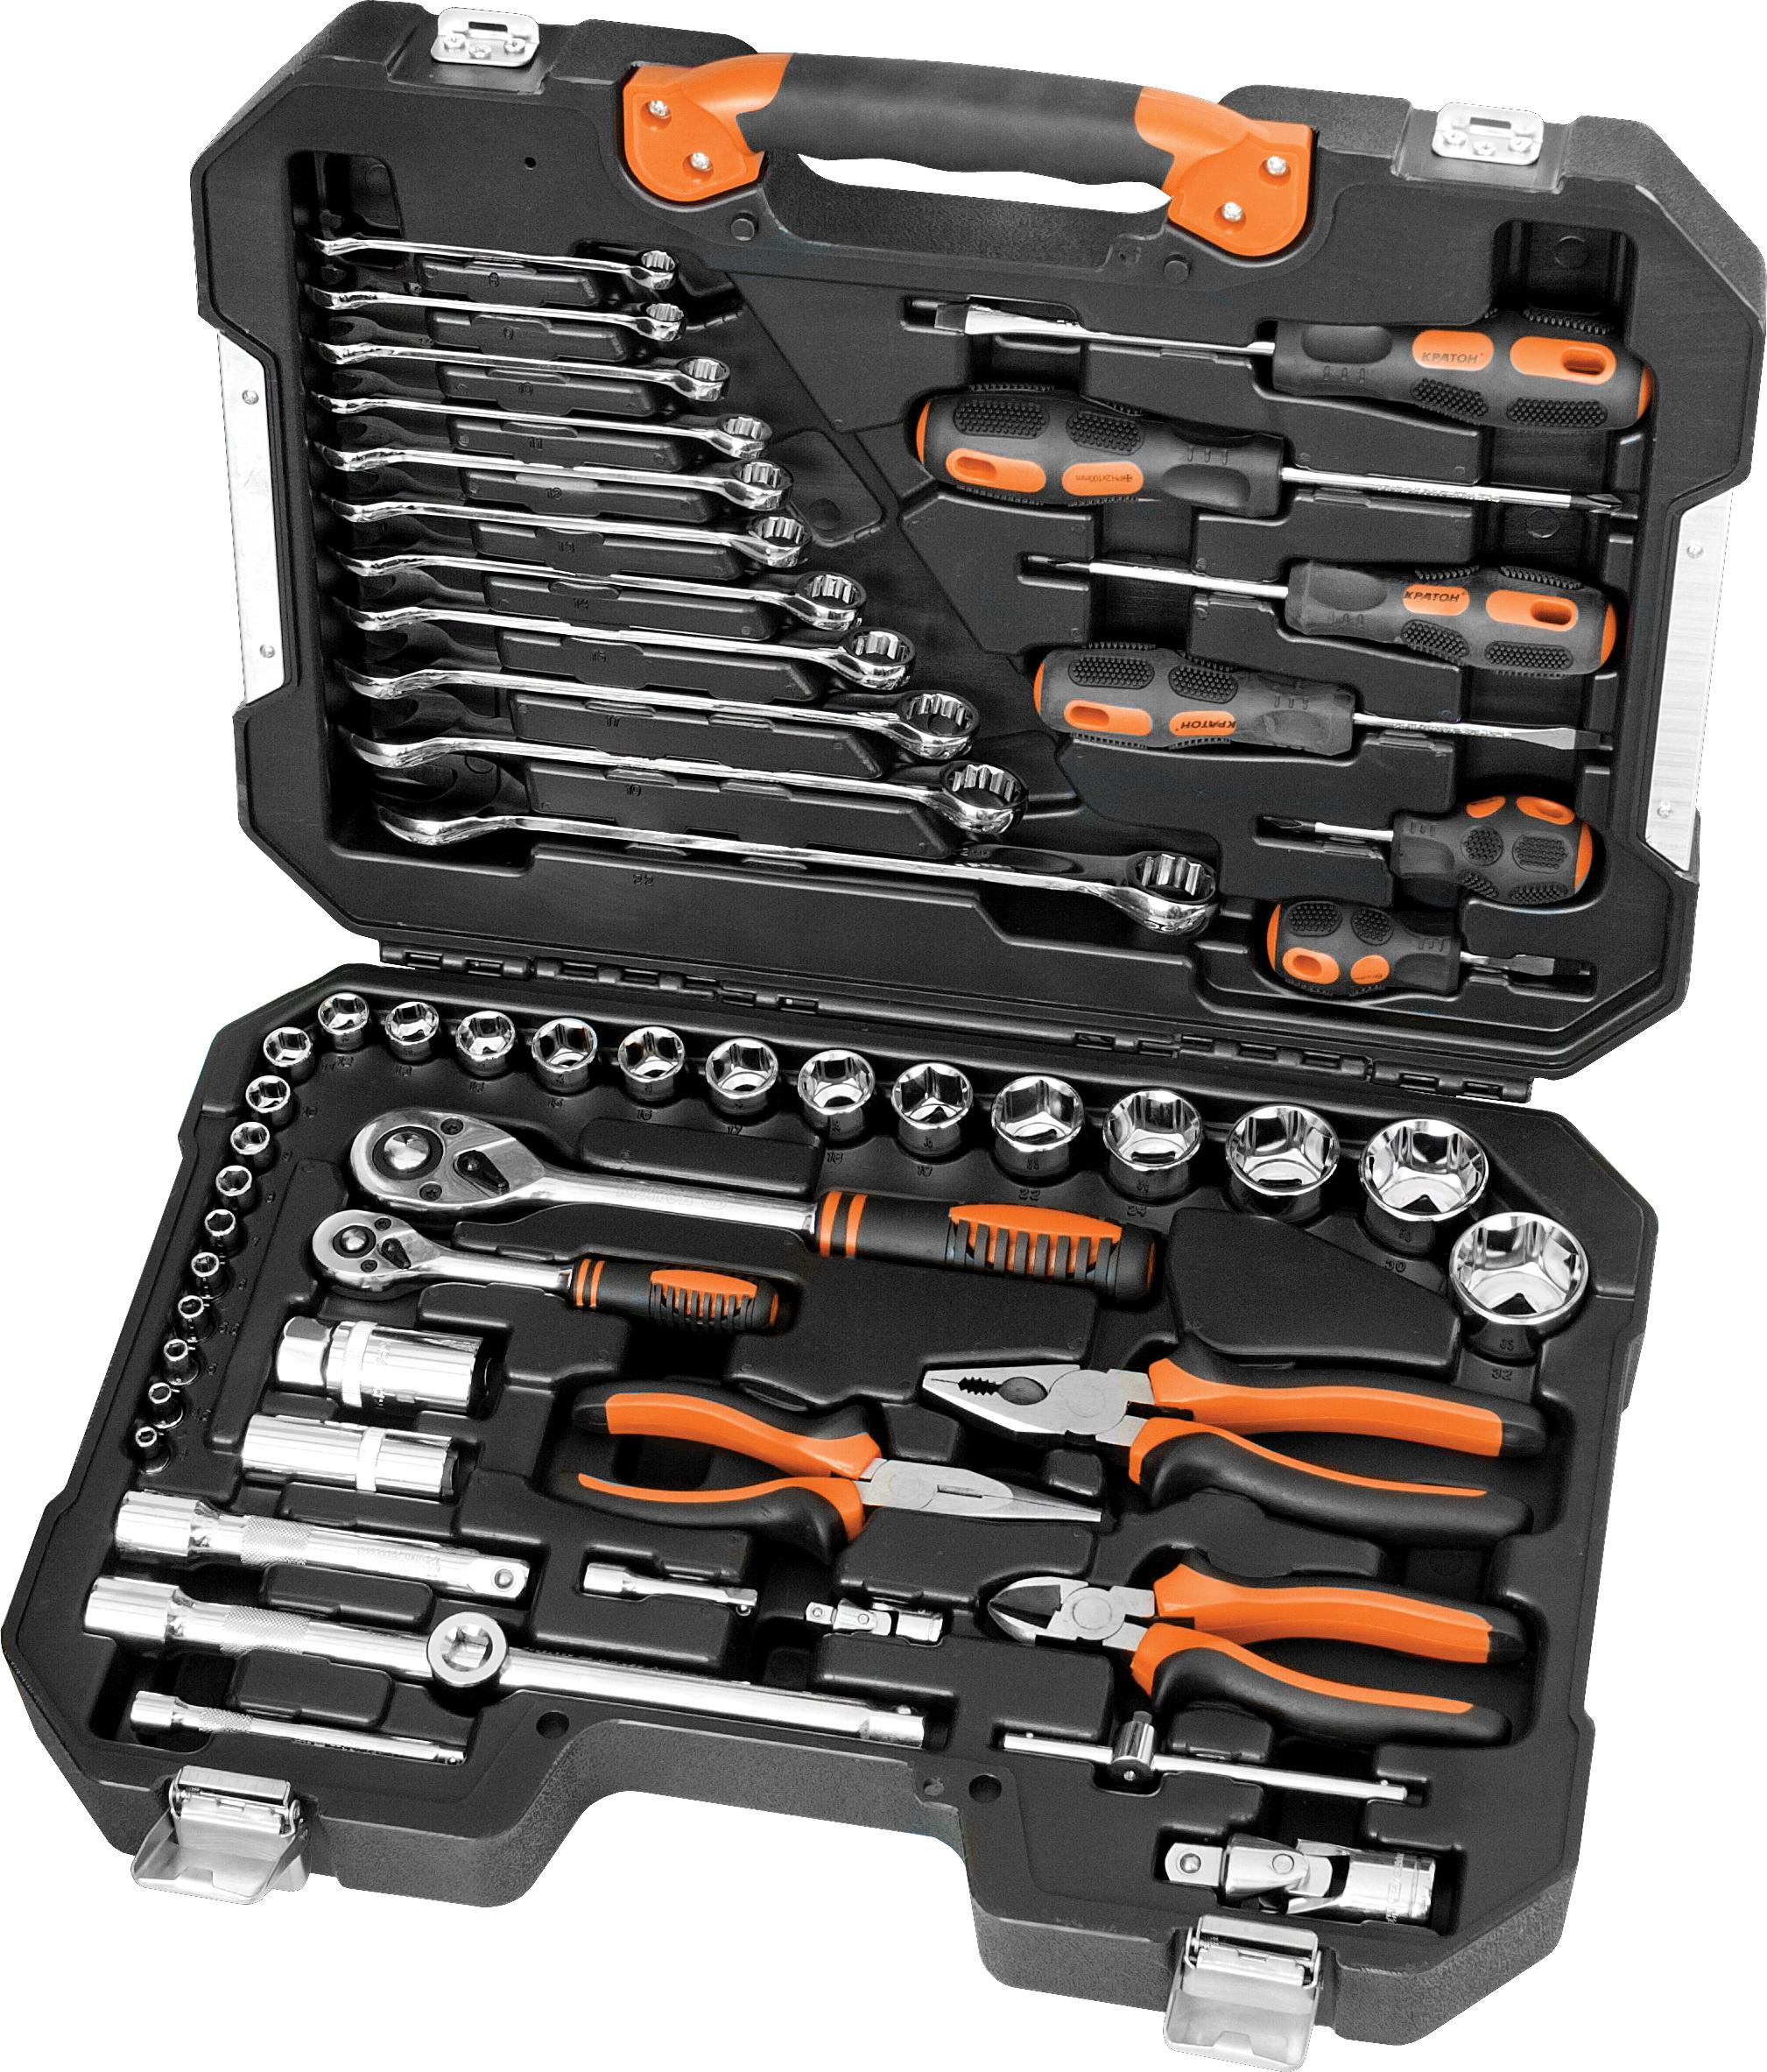 цена Набор инструментов в чемодане, 55 предметов КРАТОН Ts-24 онлайн в 2017 году